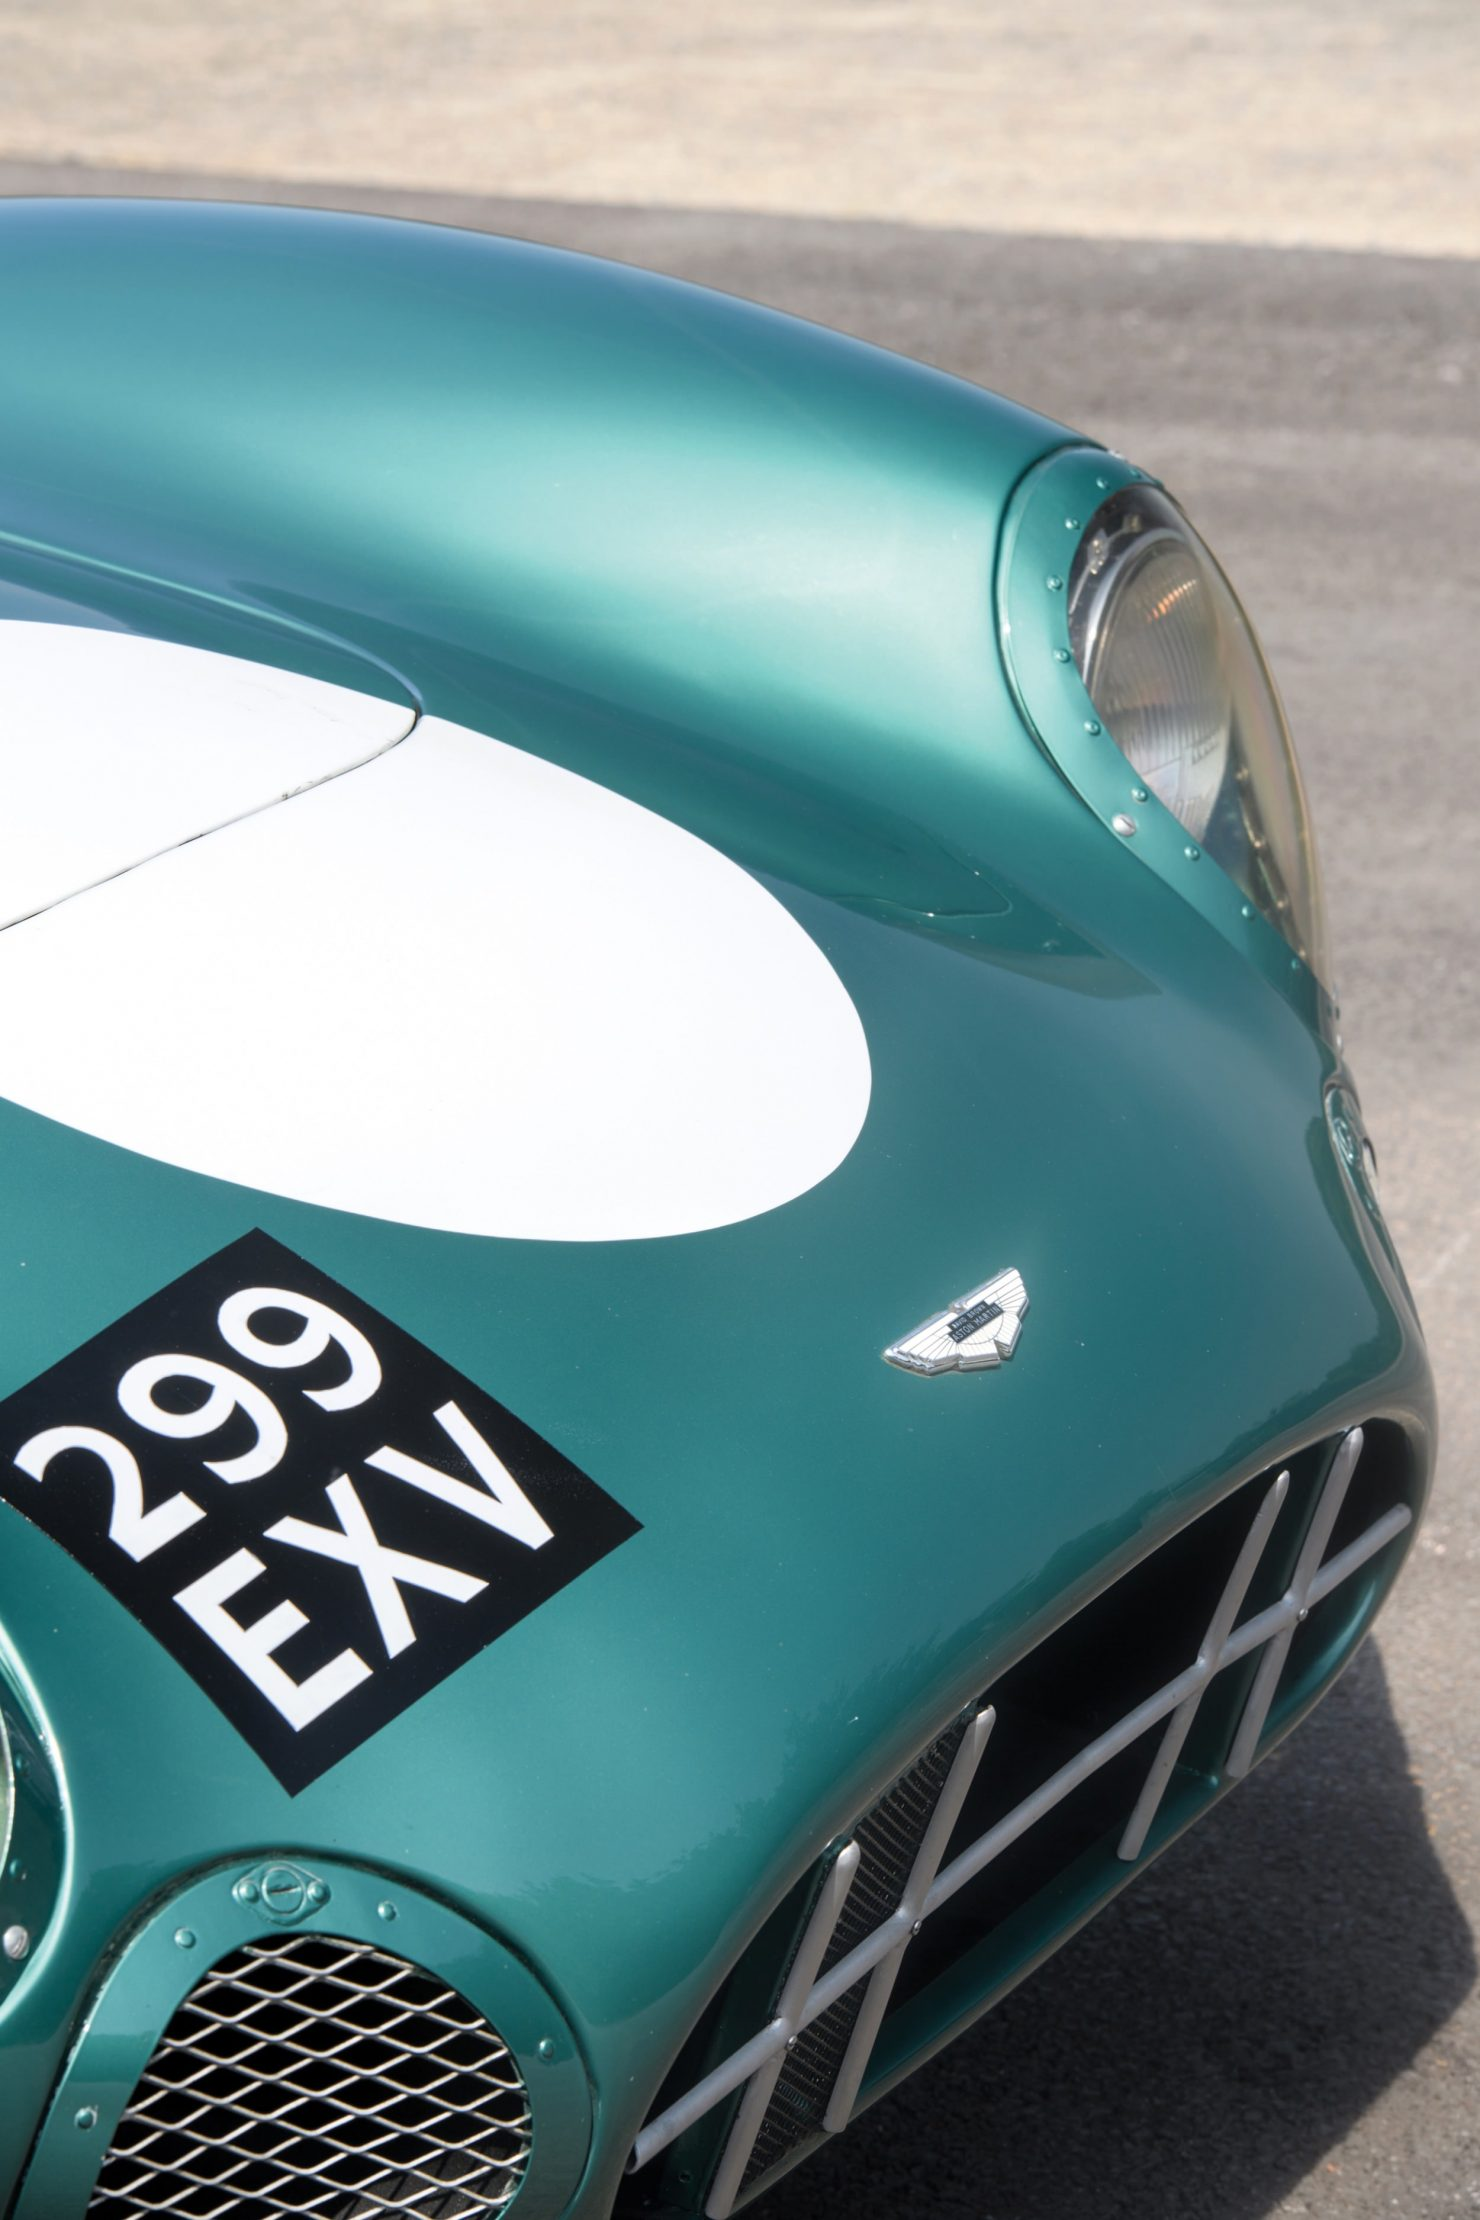 aston martin dbr1 12 1480x2220 - 1956 Aston Martin DBR1